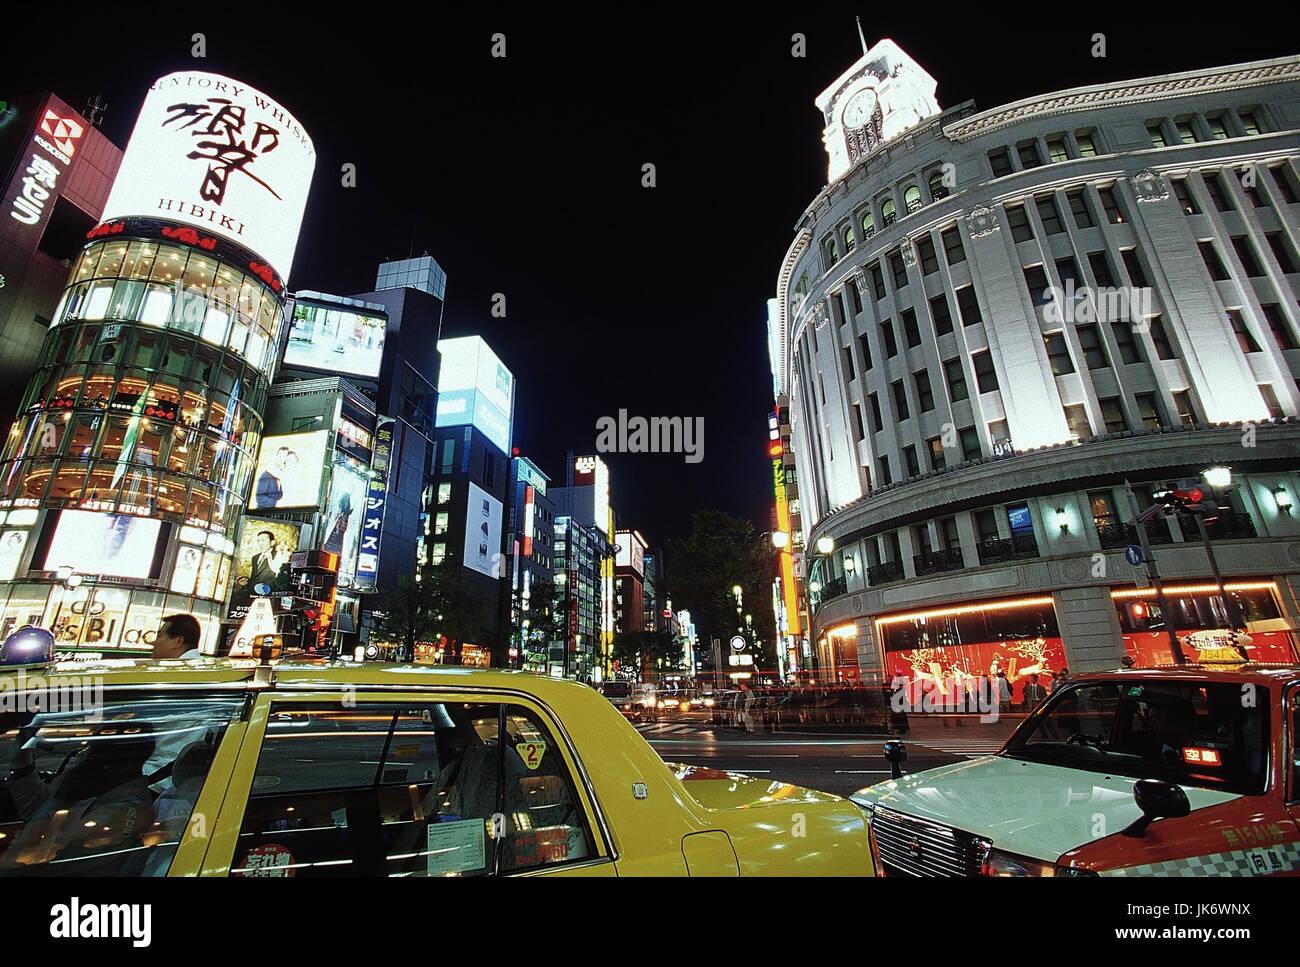 Japan, Tokio, Ginza, Stadtansicht, Straßenverkehr, Nacht  außen, Tokyo-to, Stadt, Stadtteil, Vergnügungsviertel, - Stock Image